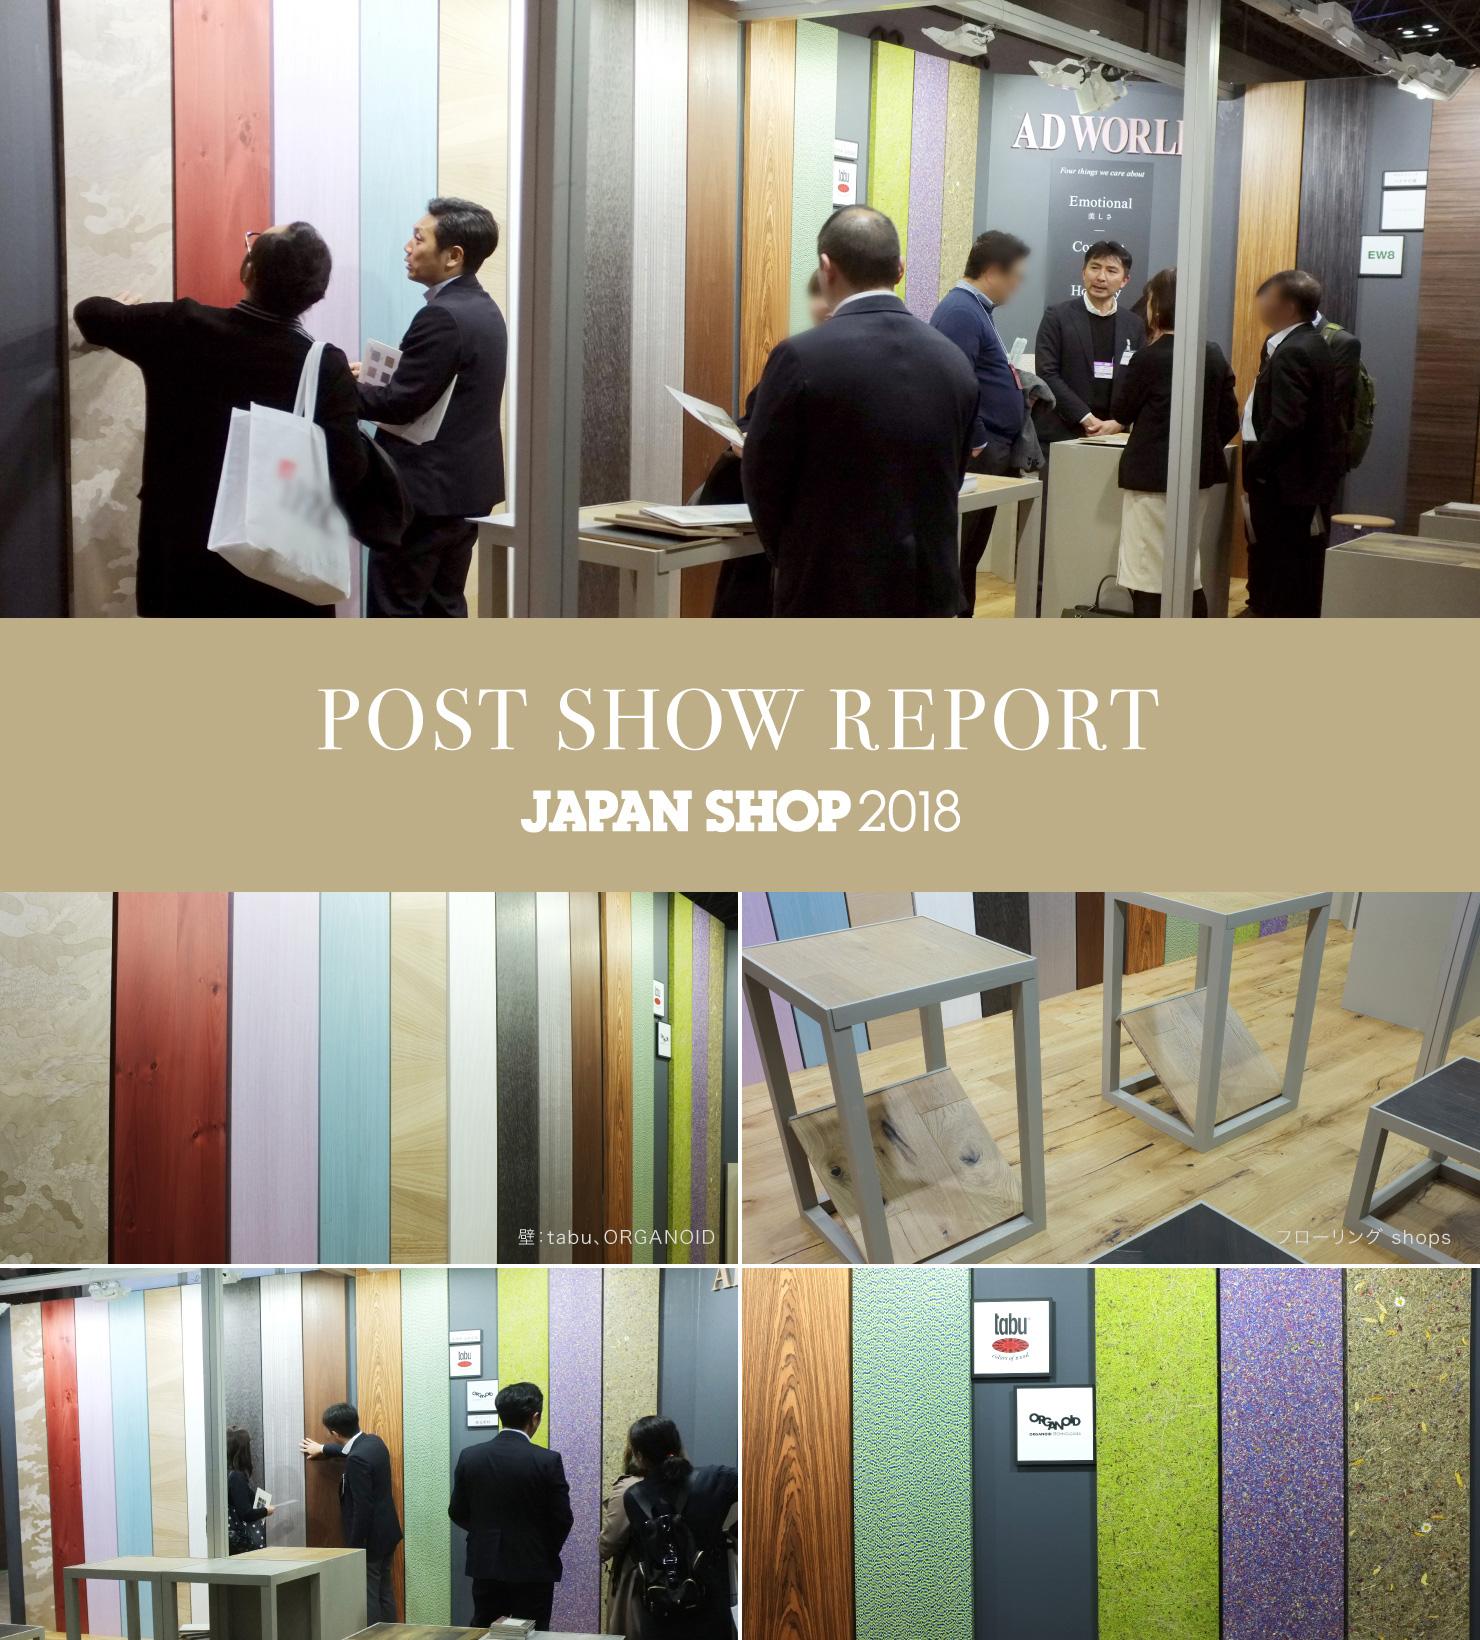 POST SHOW REPORT JAPAN SHOP 2018